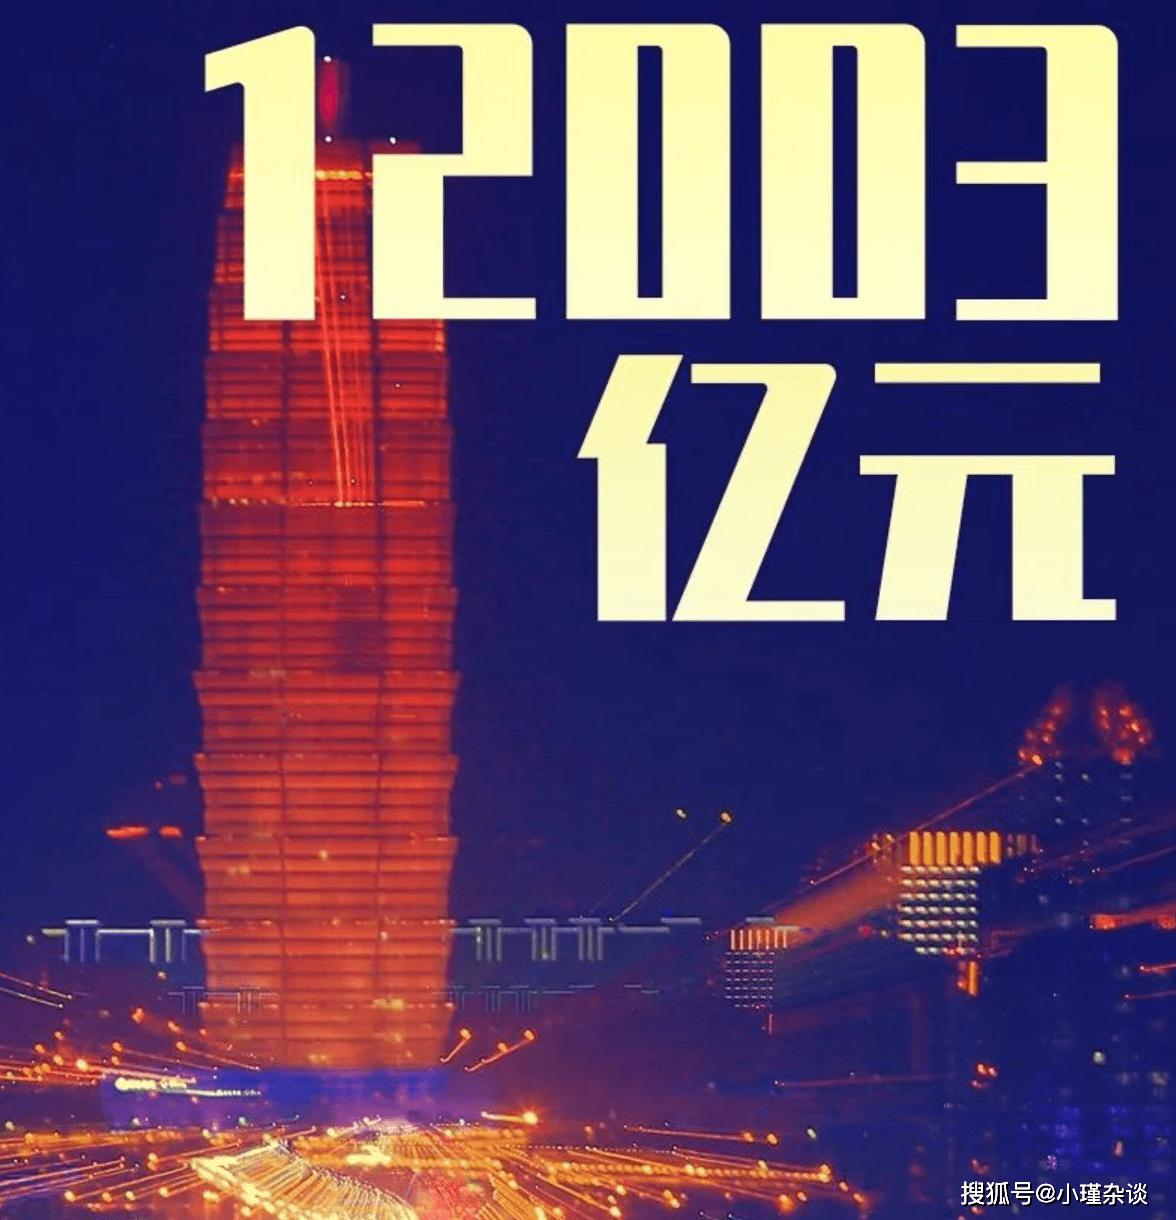 2020gdp长沙超越郑州_长沙2020年GDP新鲜出炉,全国排名15,郑州穷追不舍